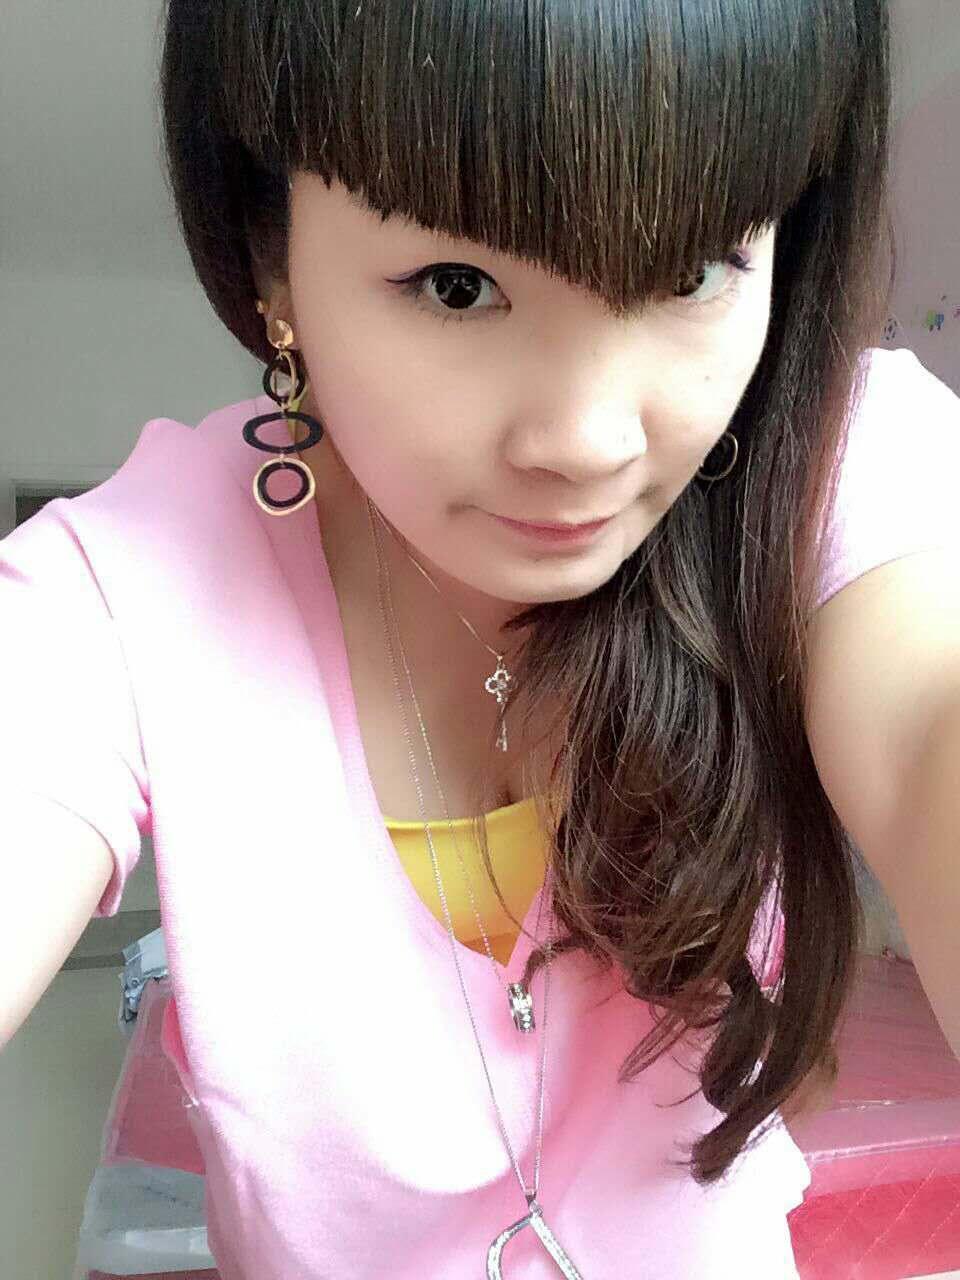 004刘小丽